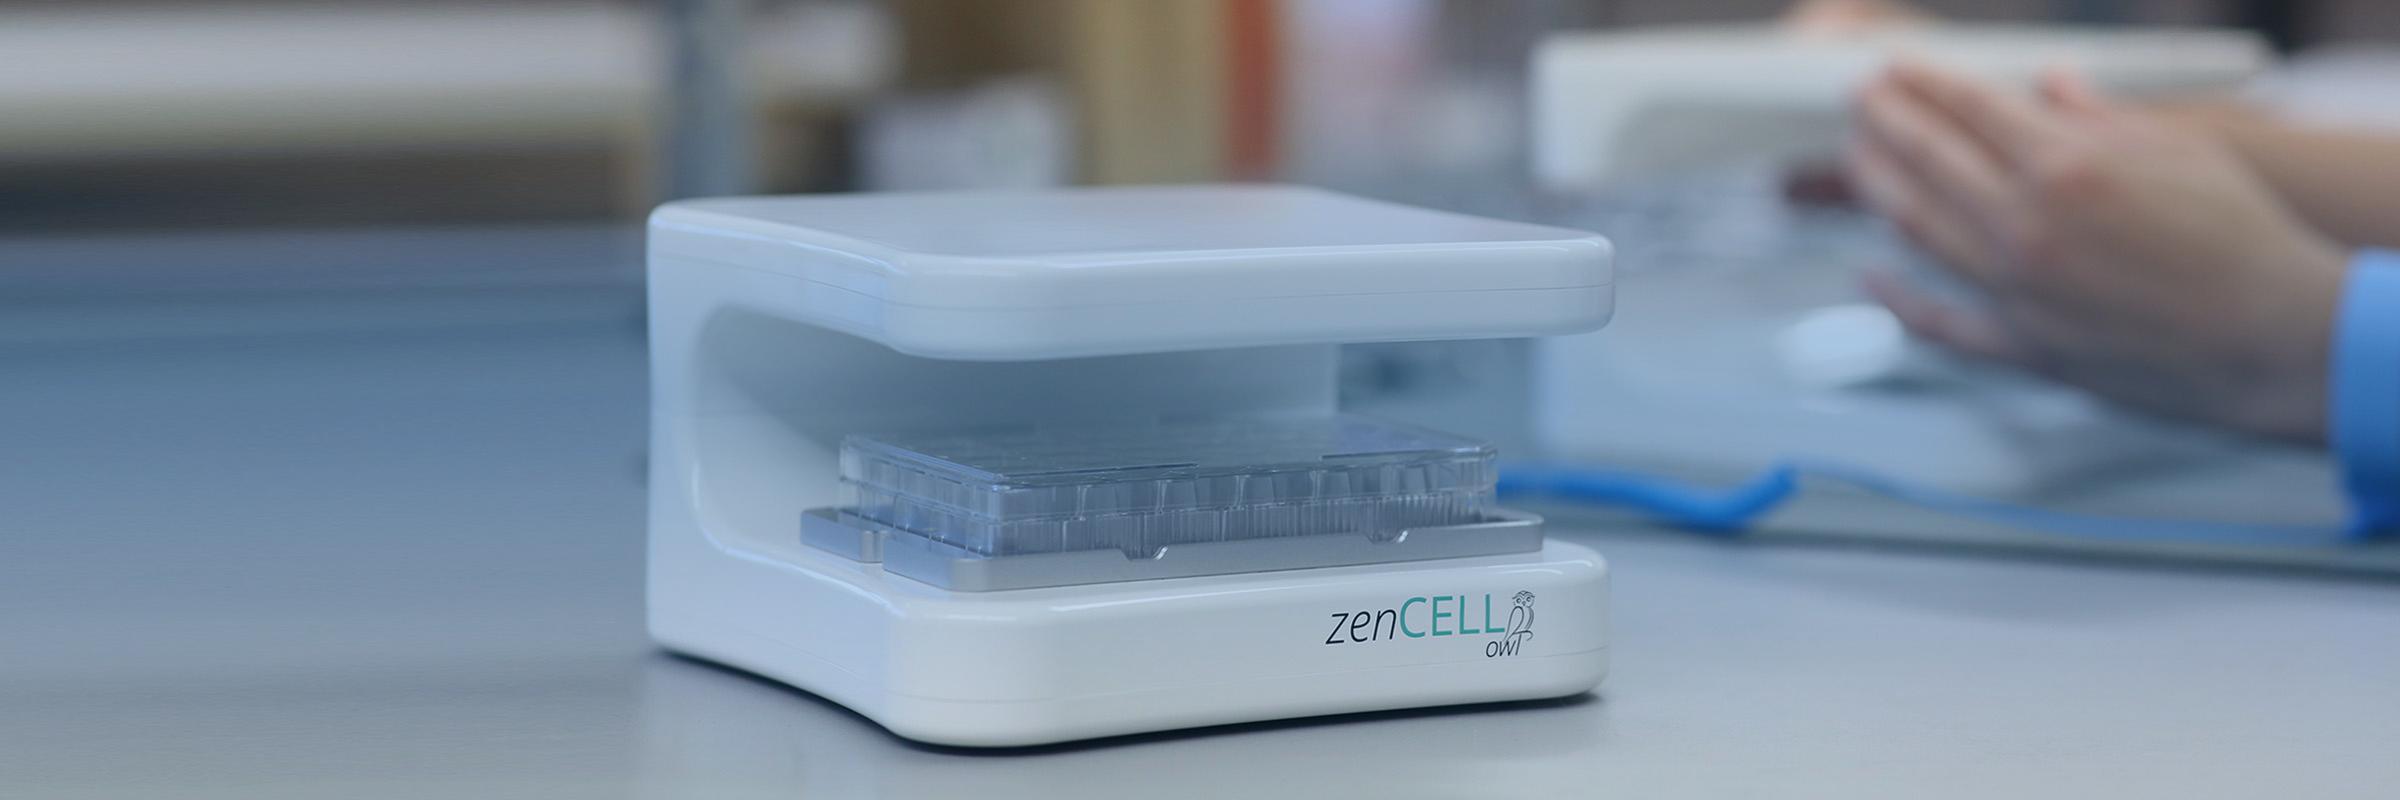 細胞培養イメージングシステム